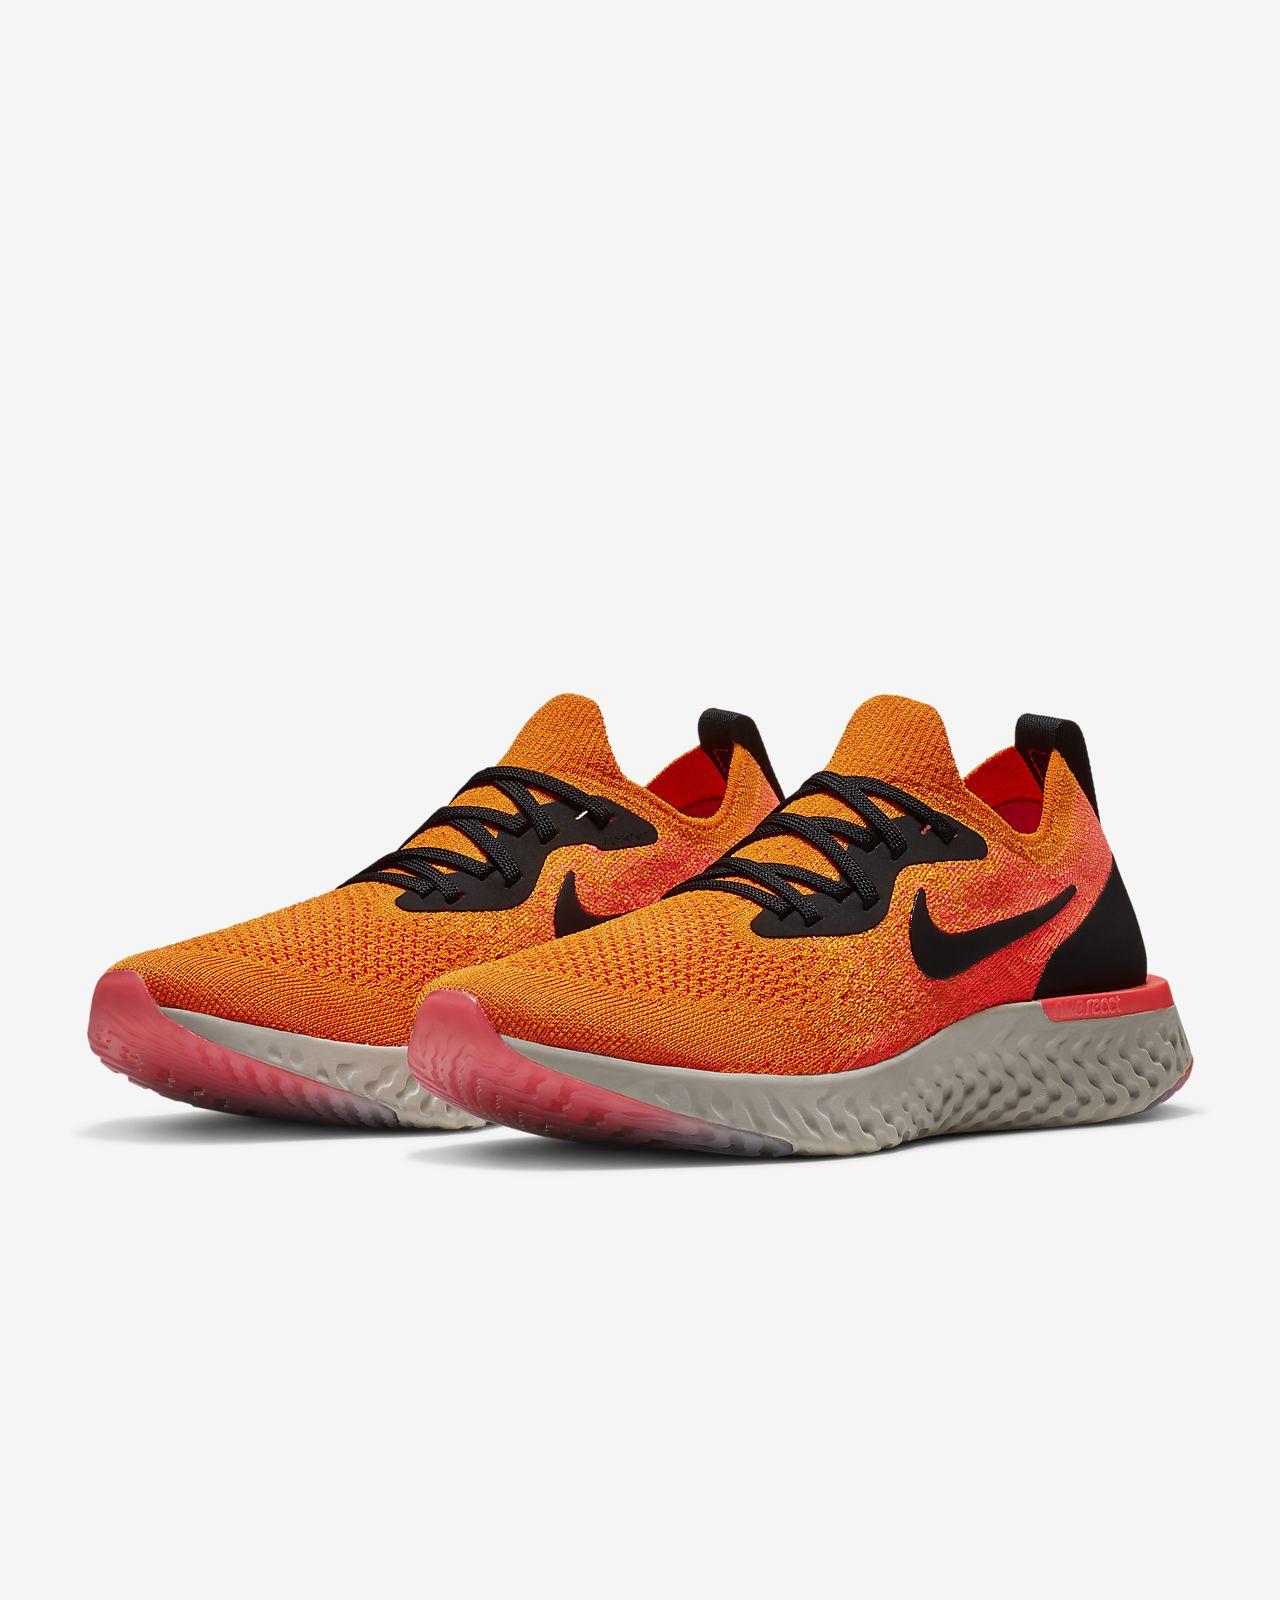 a3d9edb92bf9a Nike Epic React Flyknit 1 Women s Running Shoe. Nike.com